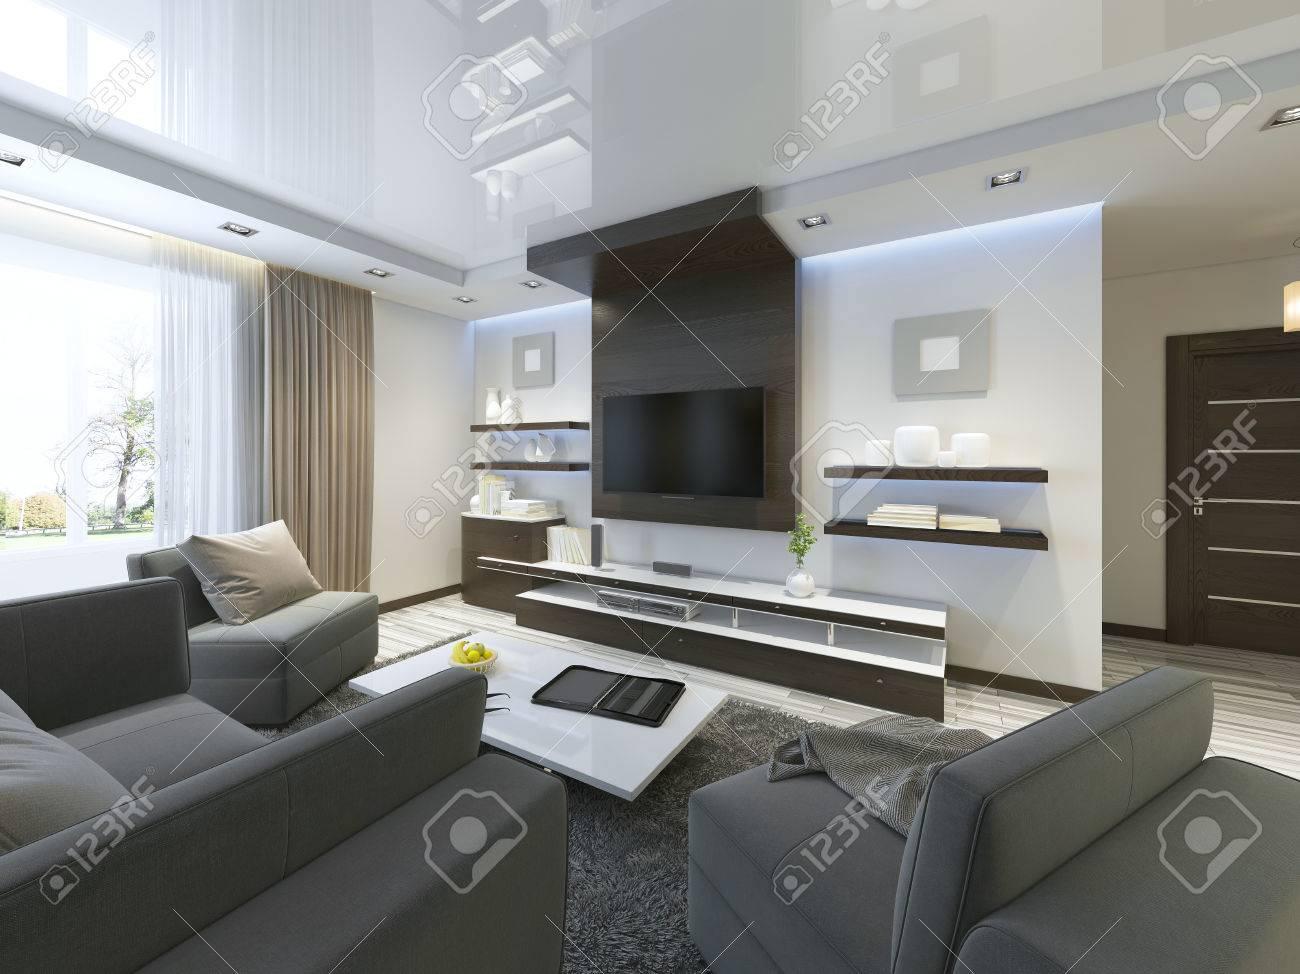 Schon Audio System Mit TV Und Regale Im Wohnzimmer Im Modernen Stil.  Holzverblendung Möbel In